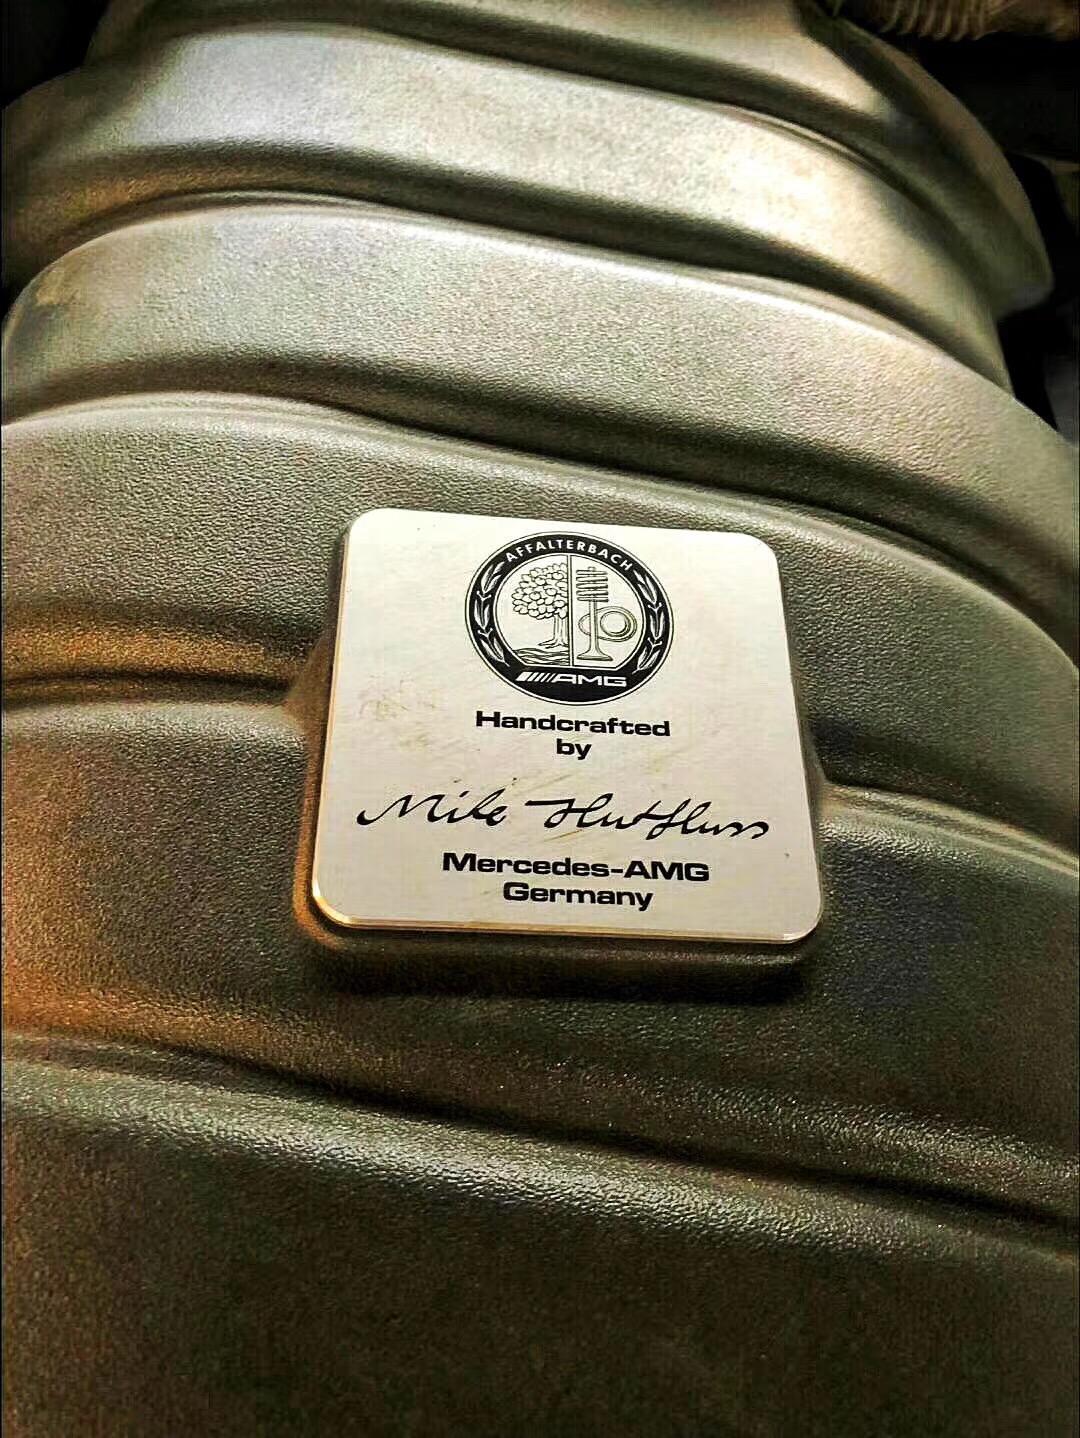 冷却液冷却液蓝宝坚尼法拉利原厂专用高性能系列详细照片